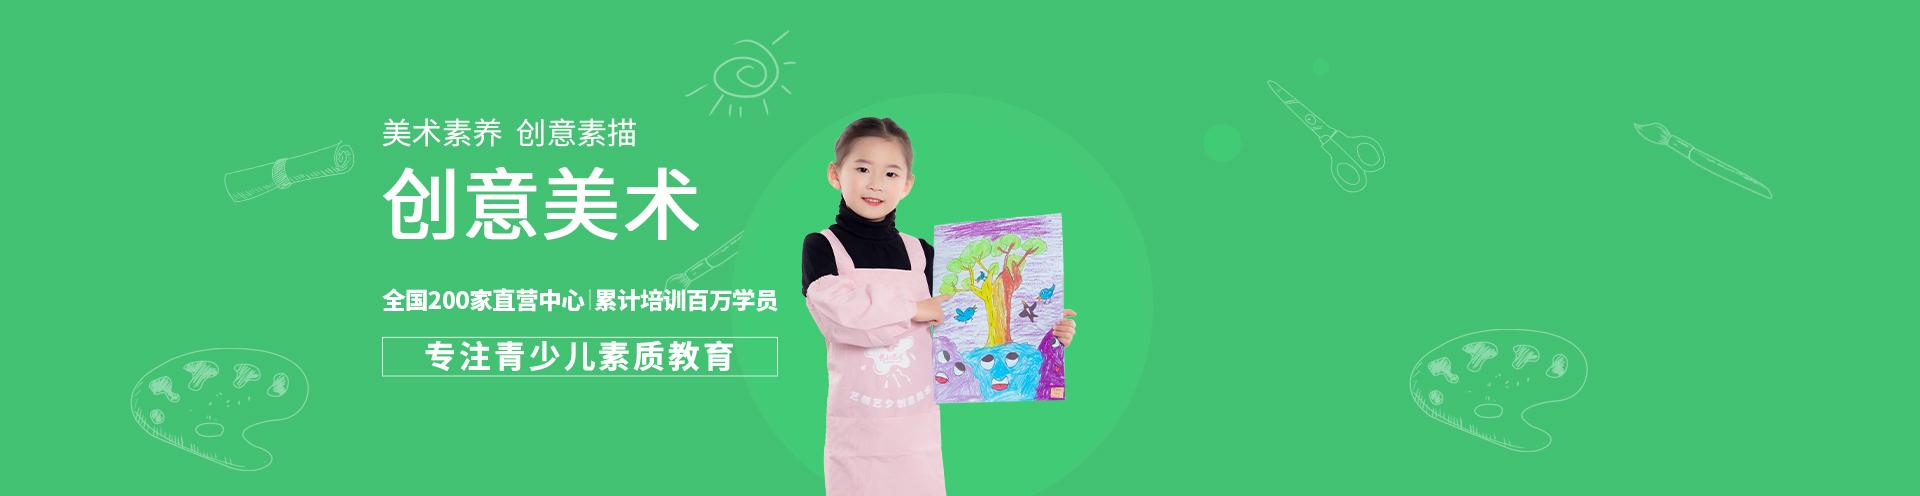 南通艺朝艺夕创意美术